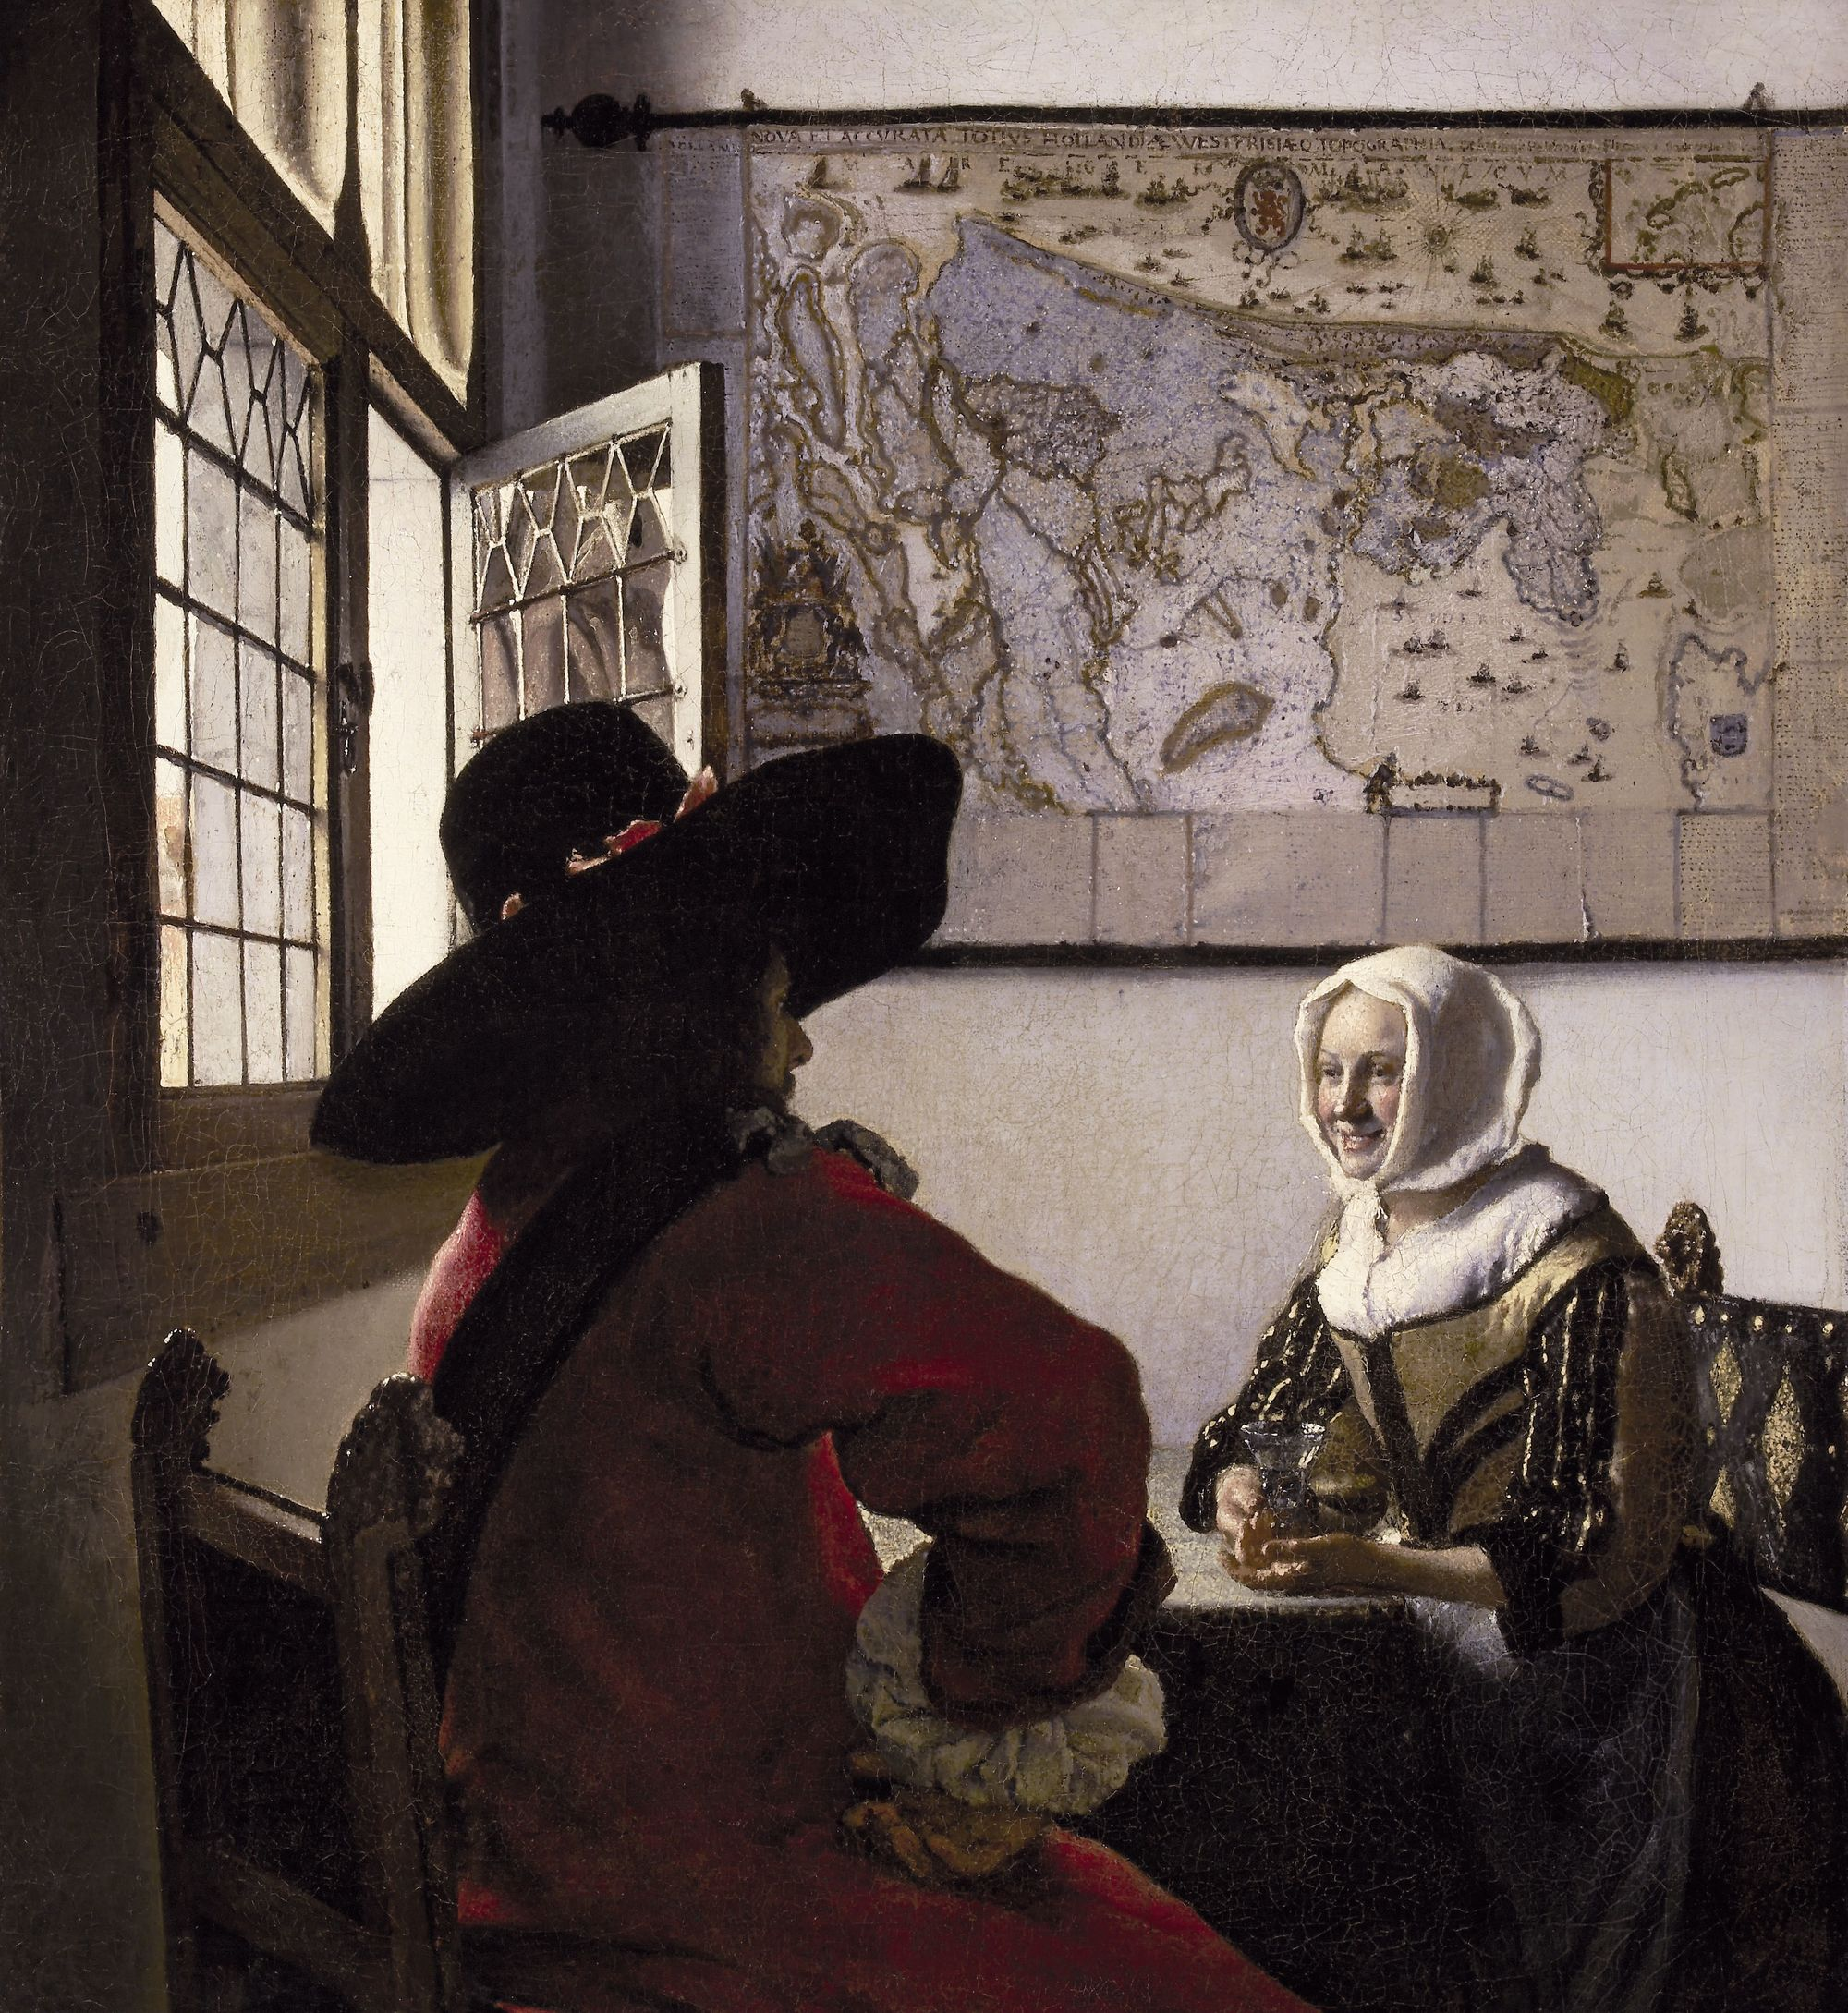 Soldat et jeune fille riant, Johannes Vermeer, vers 1657.